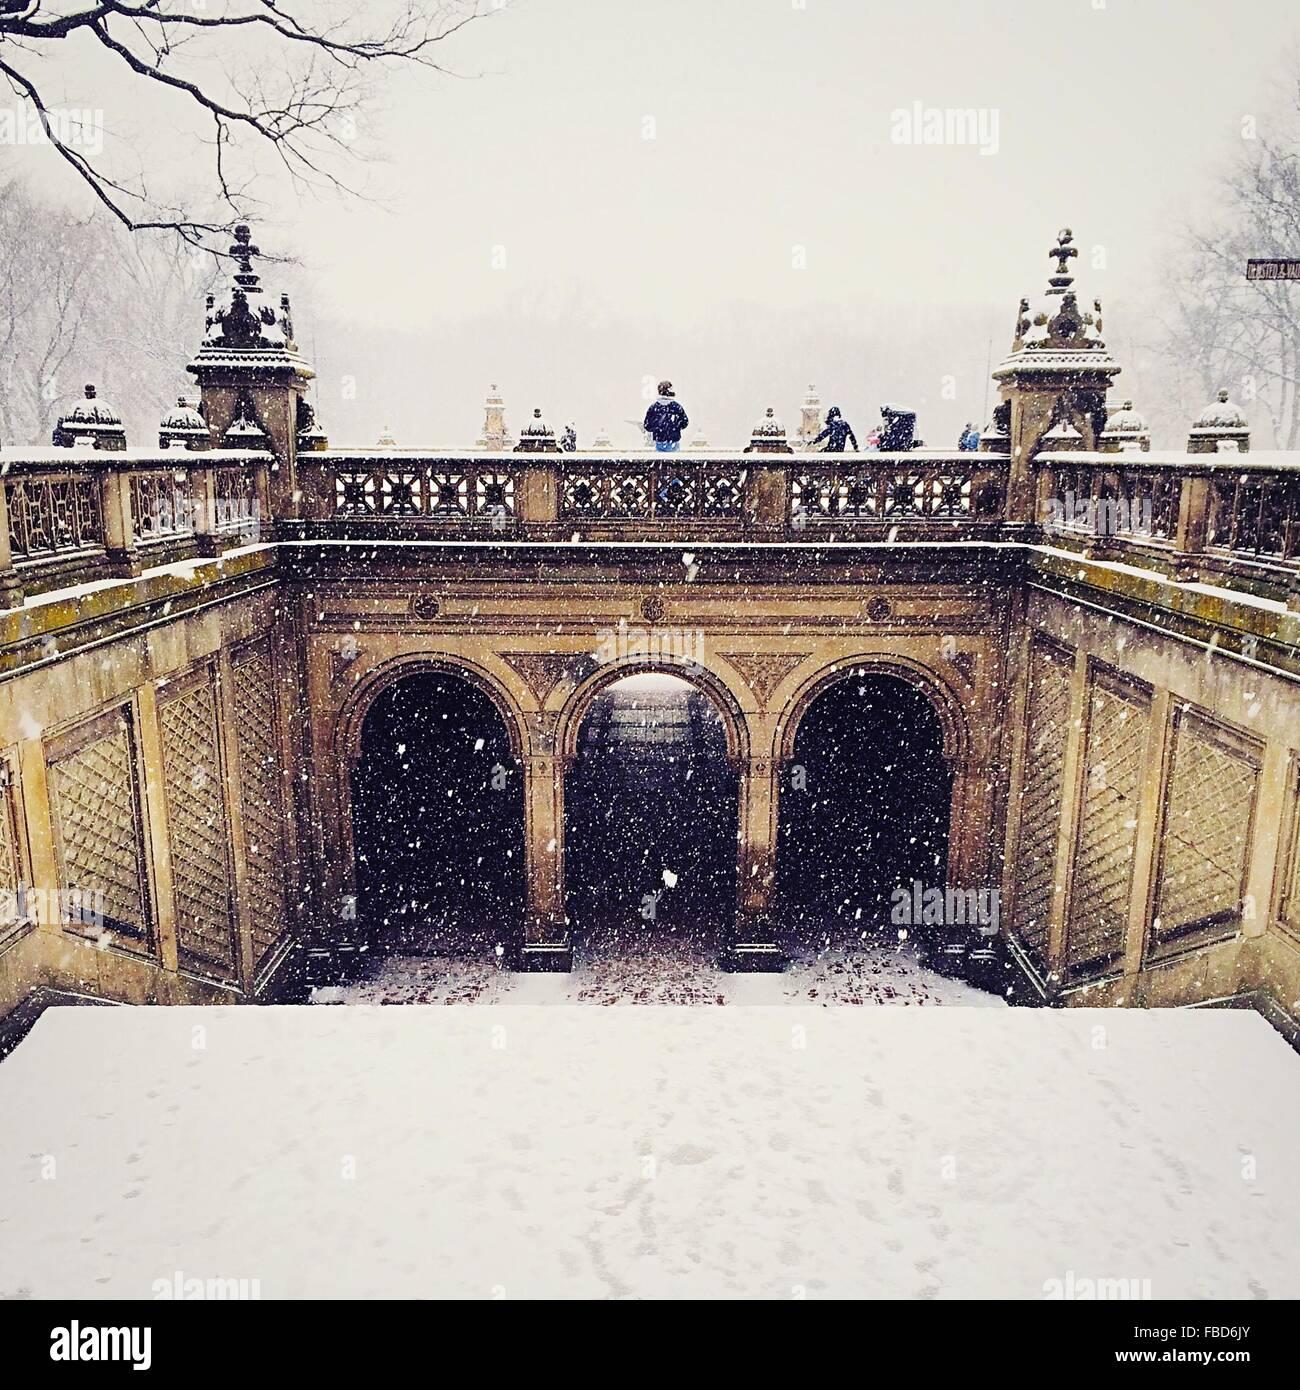 Les gens sur le pont par temps de neige contre Ciel clair Photo Stock